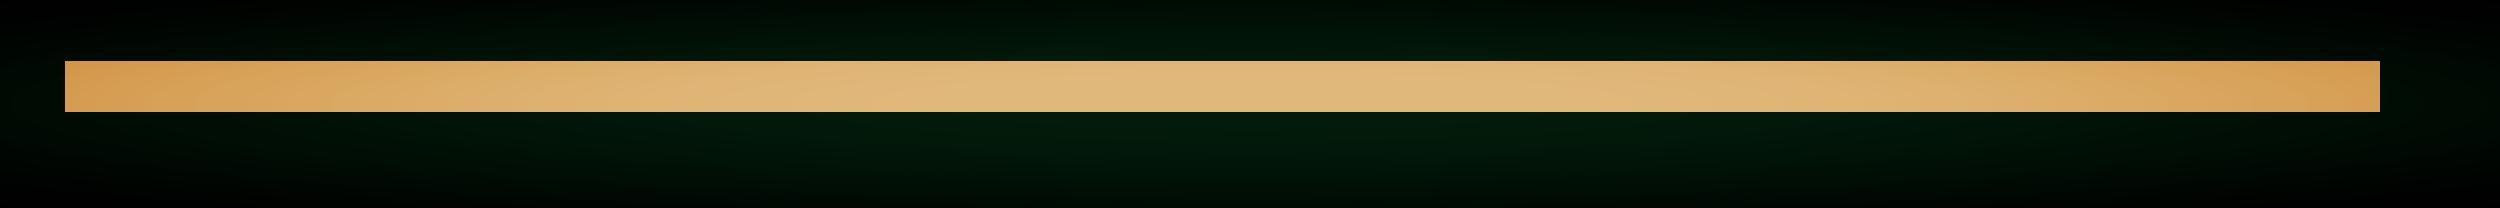 goldbar.png